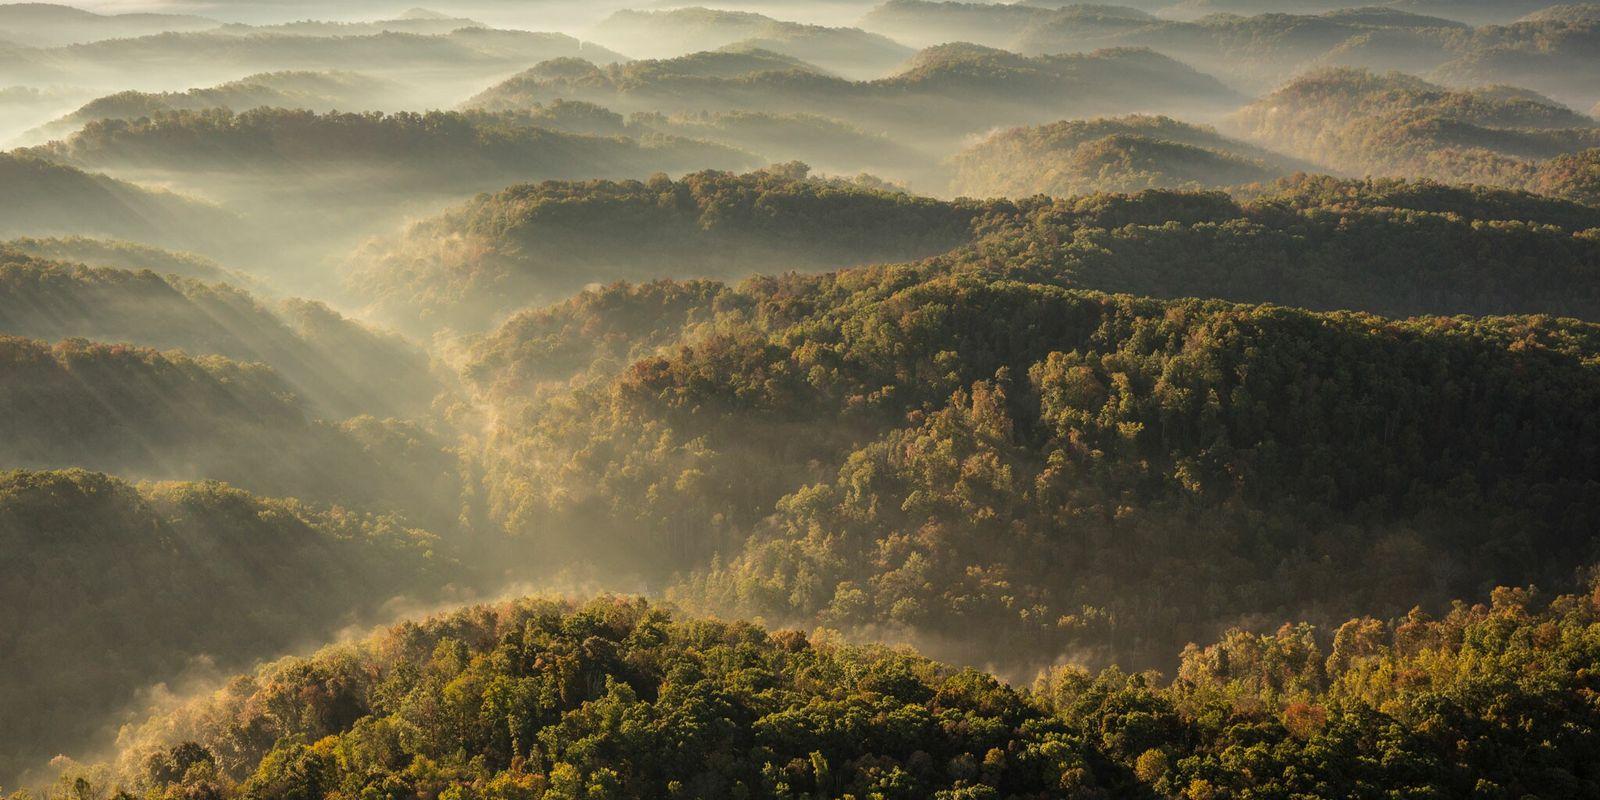 Las montañas de la Tierra podrían haber dejado de crecer durante mil millones de años